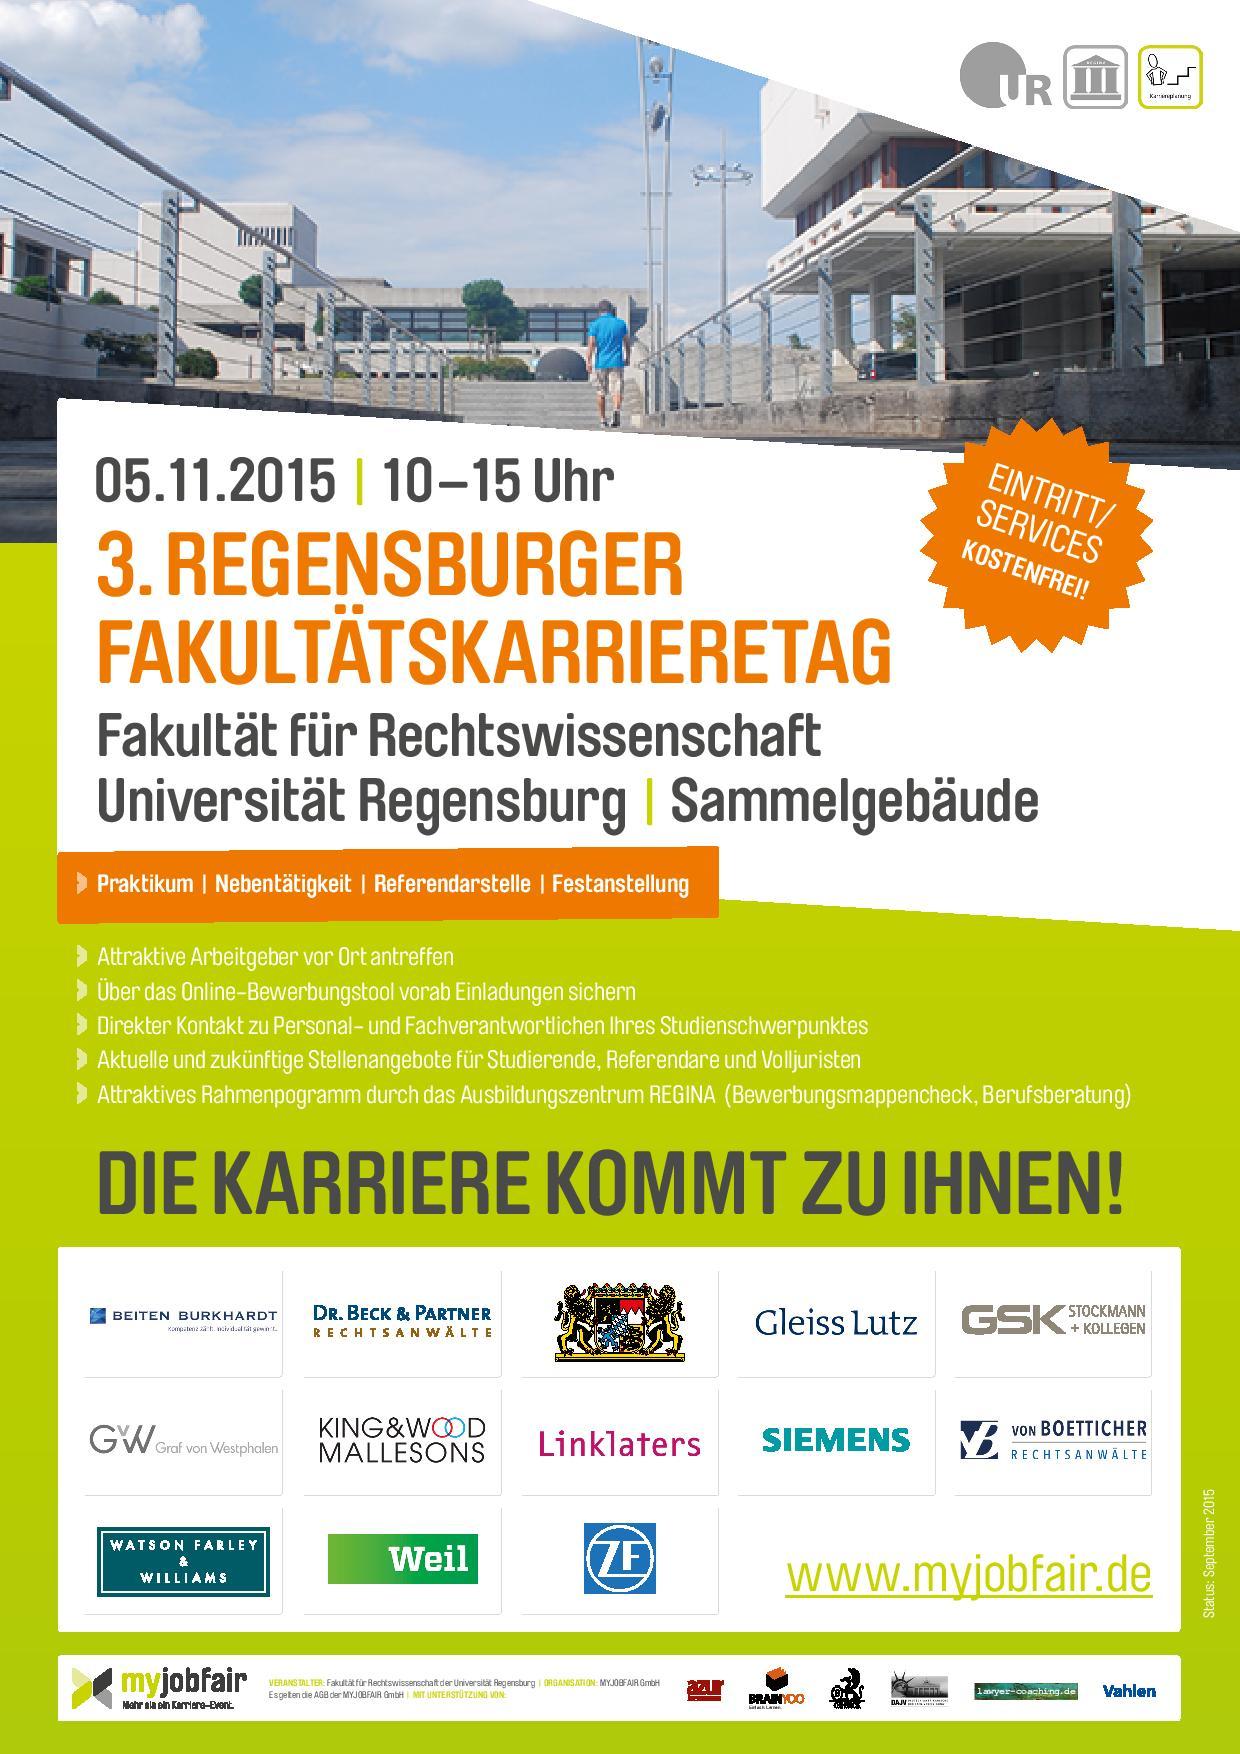 Regensburger_Fakultaetskarrieretag_2015_Plakat-page-001